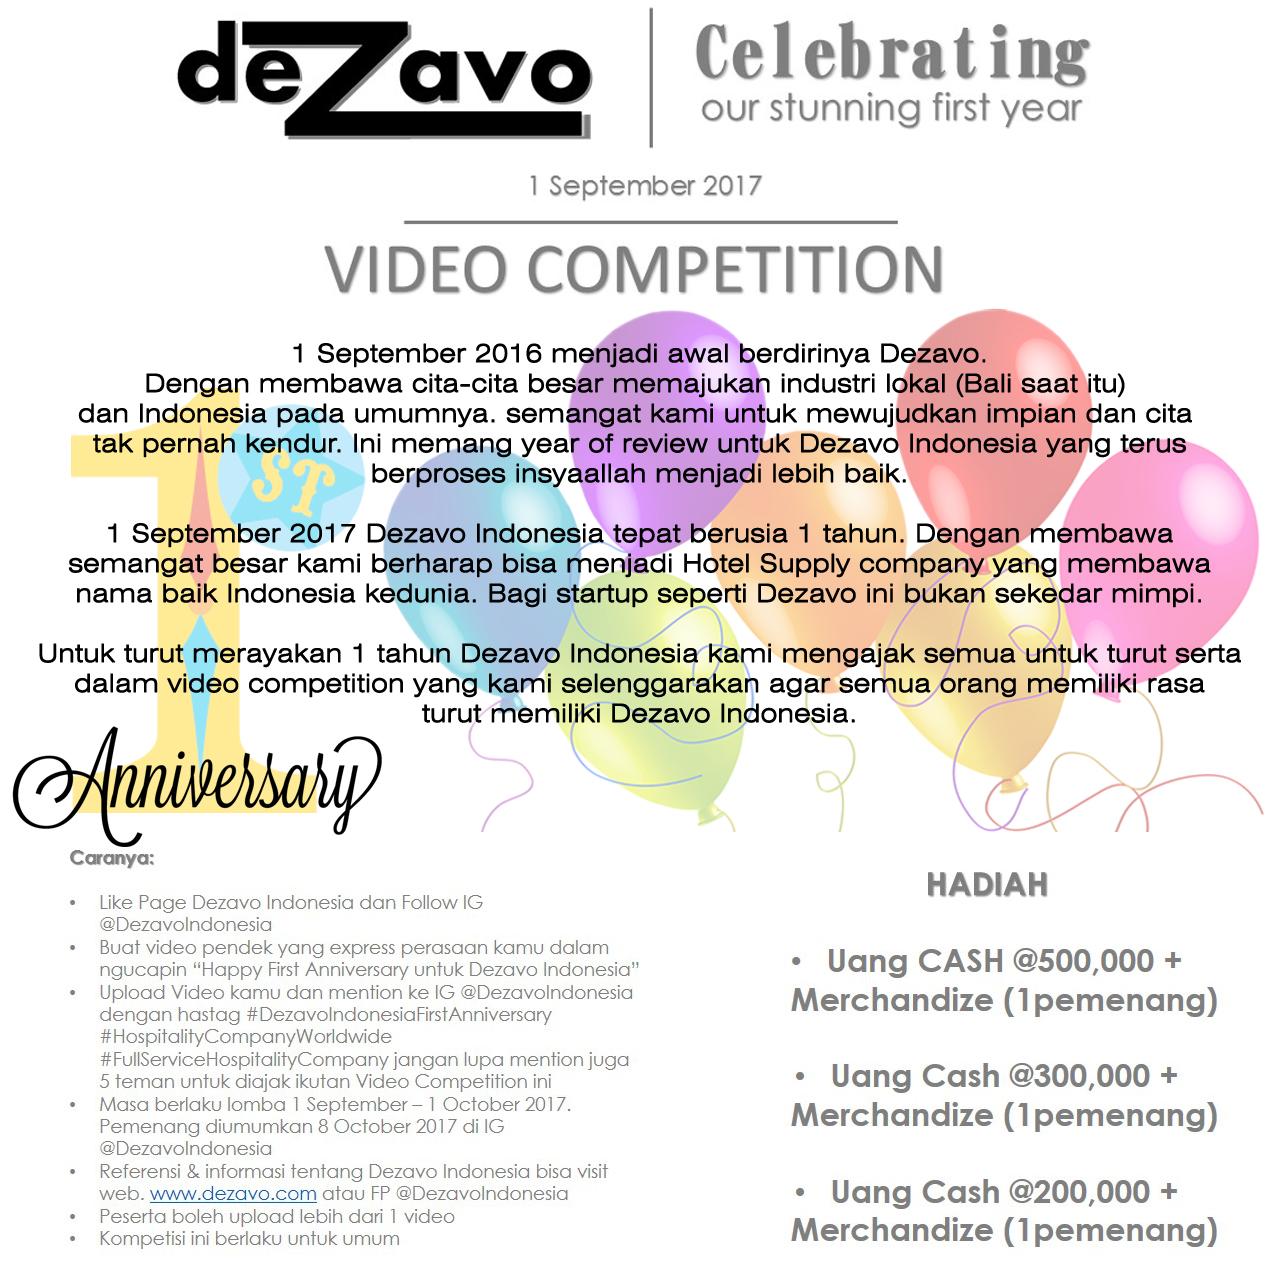 Dezavo's Video Competition